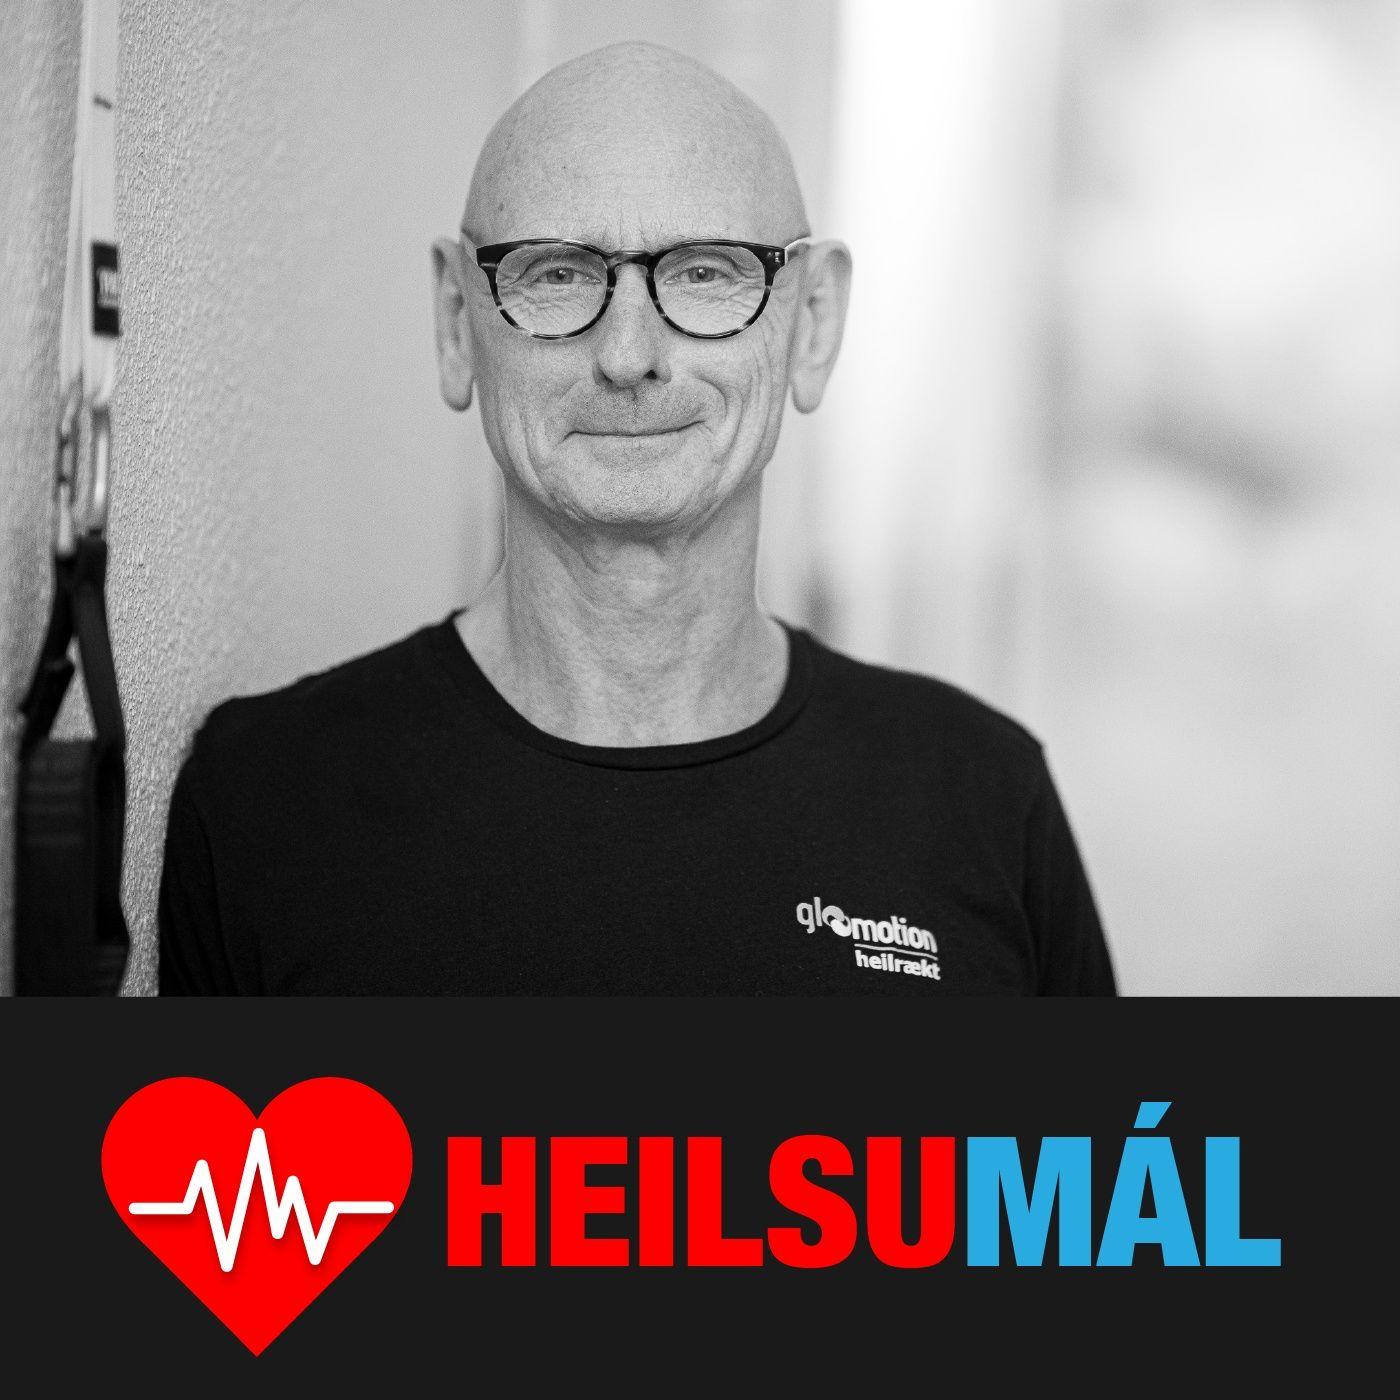 Heilsumál 12 - Máttur hjartans - 7 skref til varanlegrar velsældar - Guðni Gunnarsson